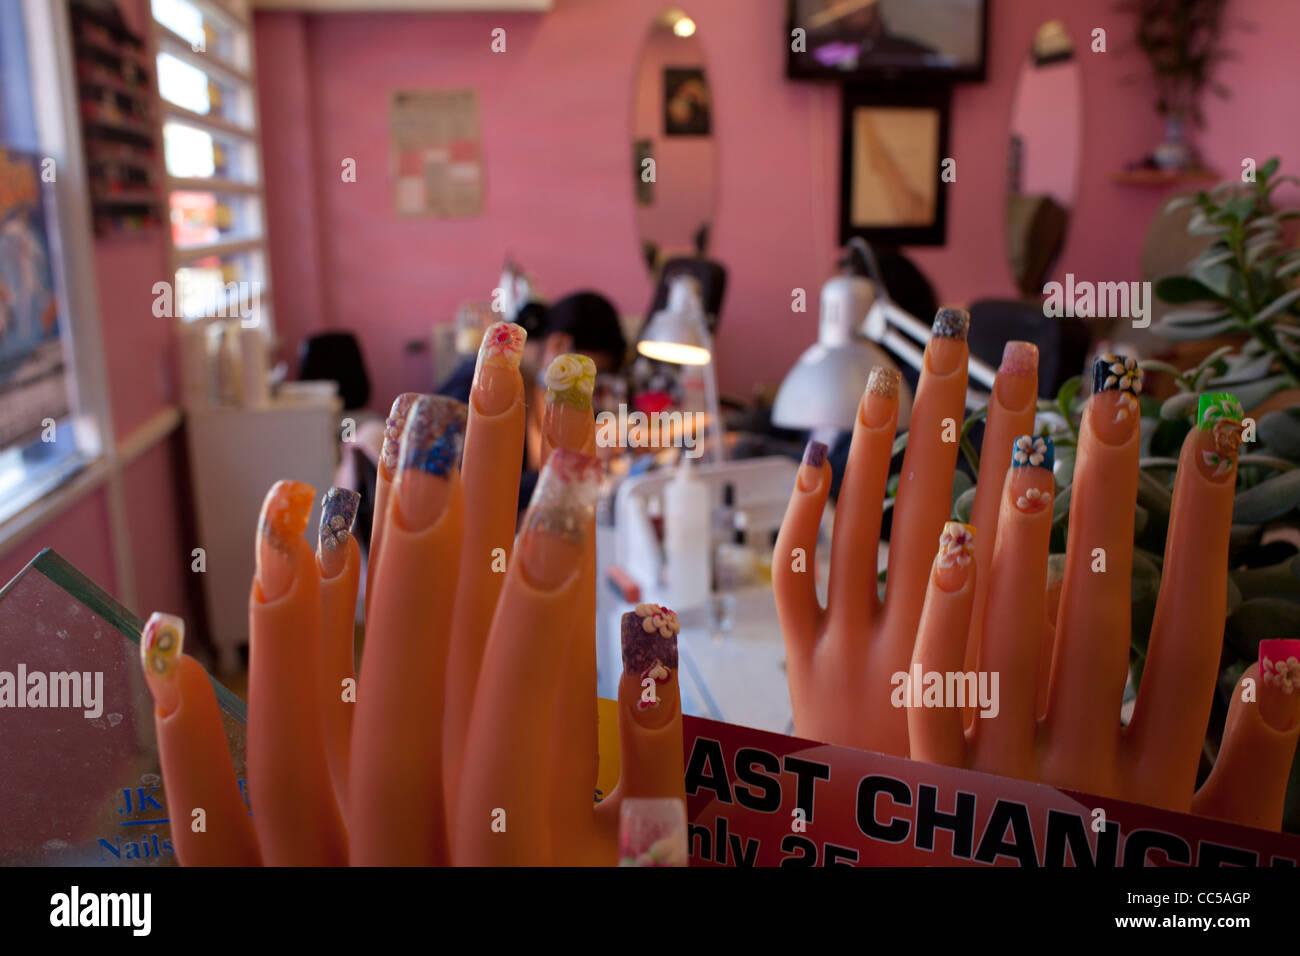 Nail Salon And Uk Stock Photos & Nail Salon And Uk Stock Images - Alamy